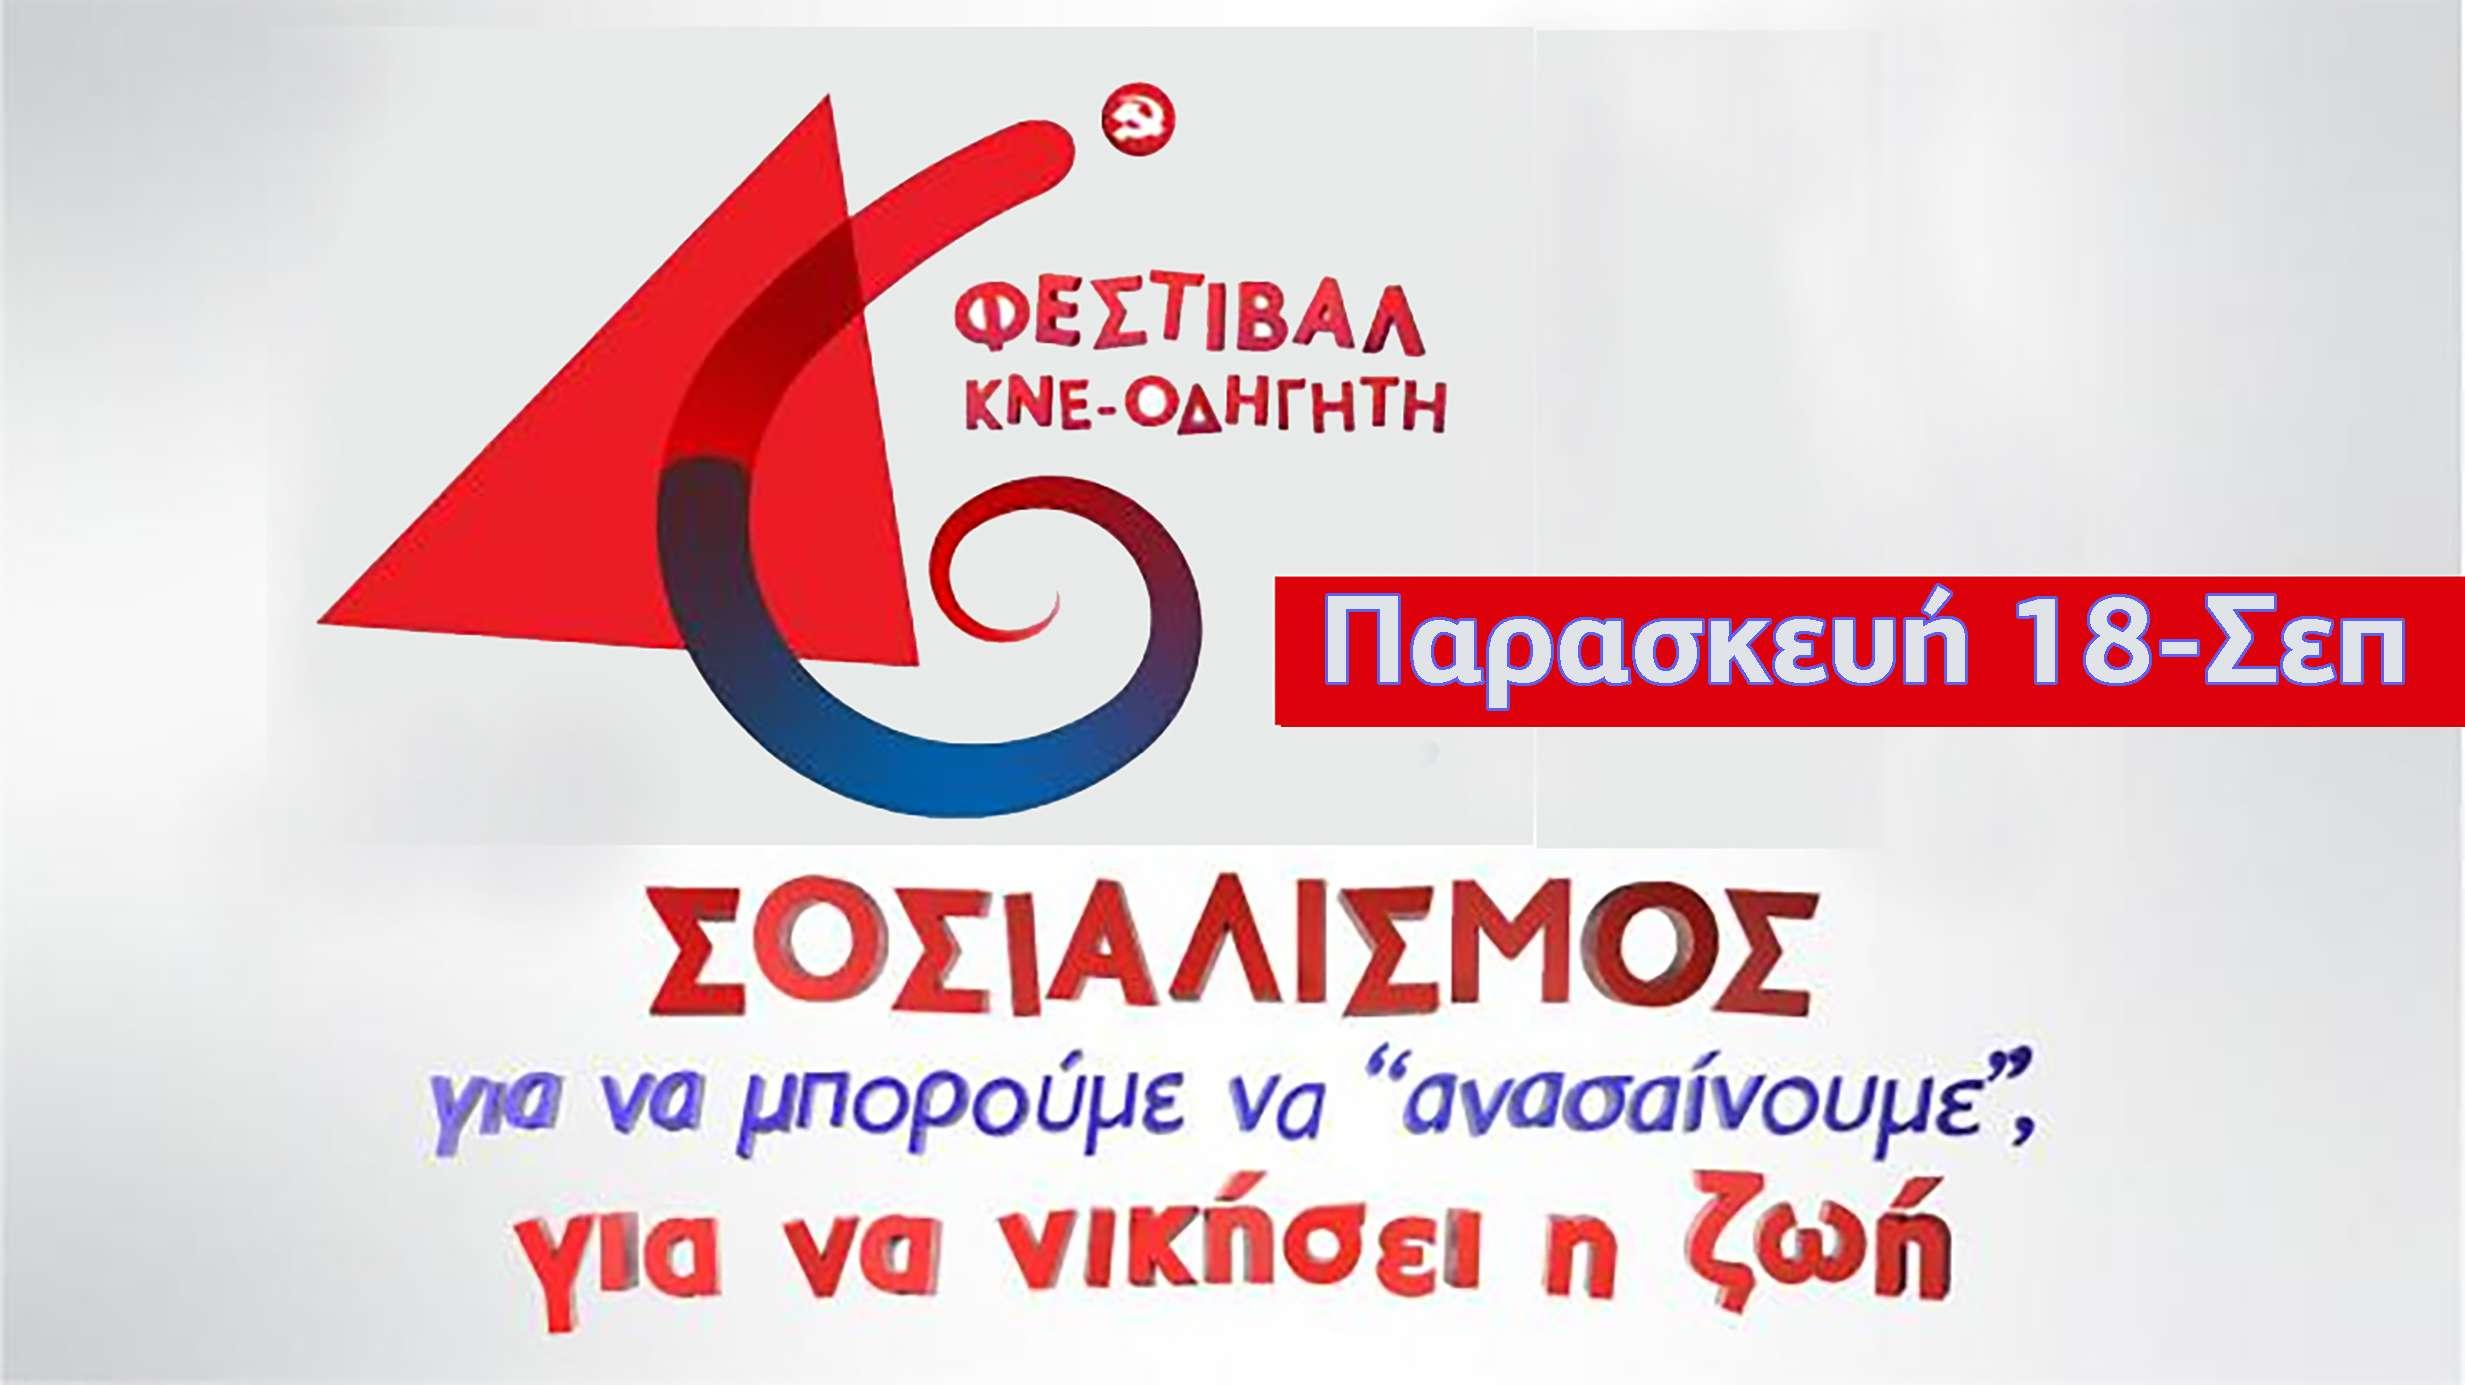 46ο Φεστιβάλ ΚΝΕ ΟΔΗΓΗΤΗ Παρασκευή 18 Σεπ